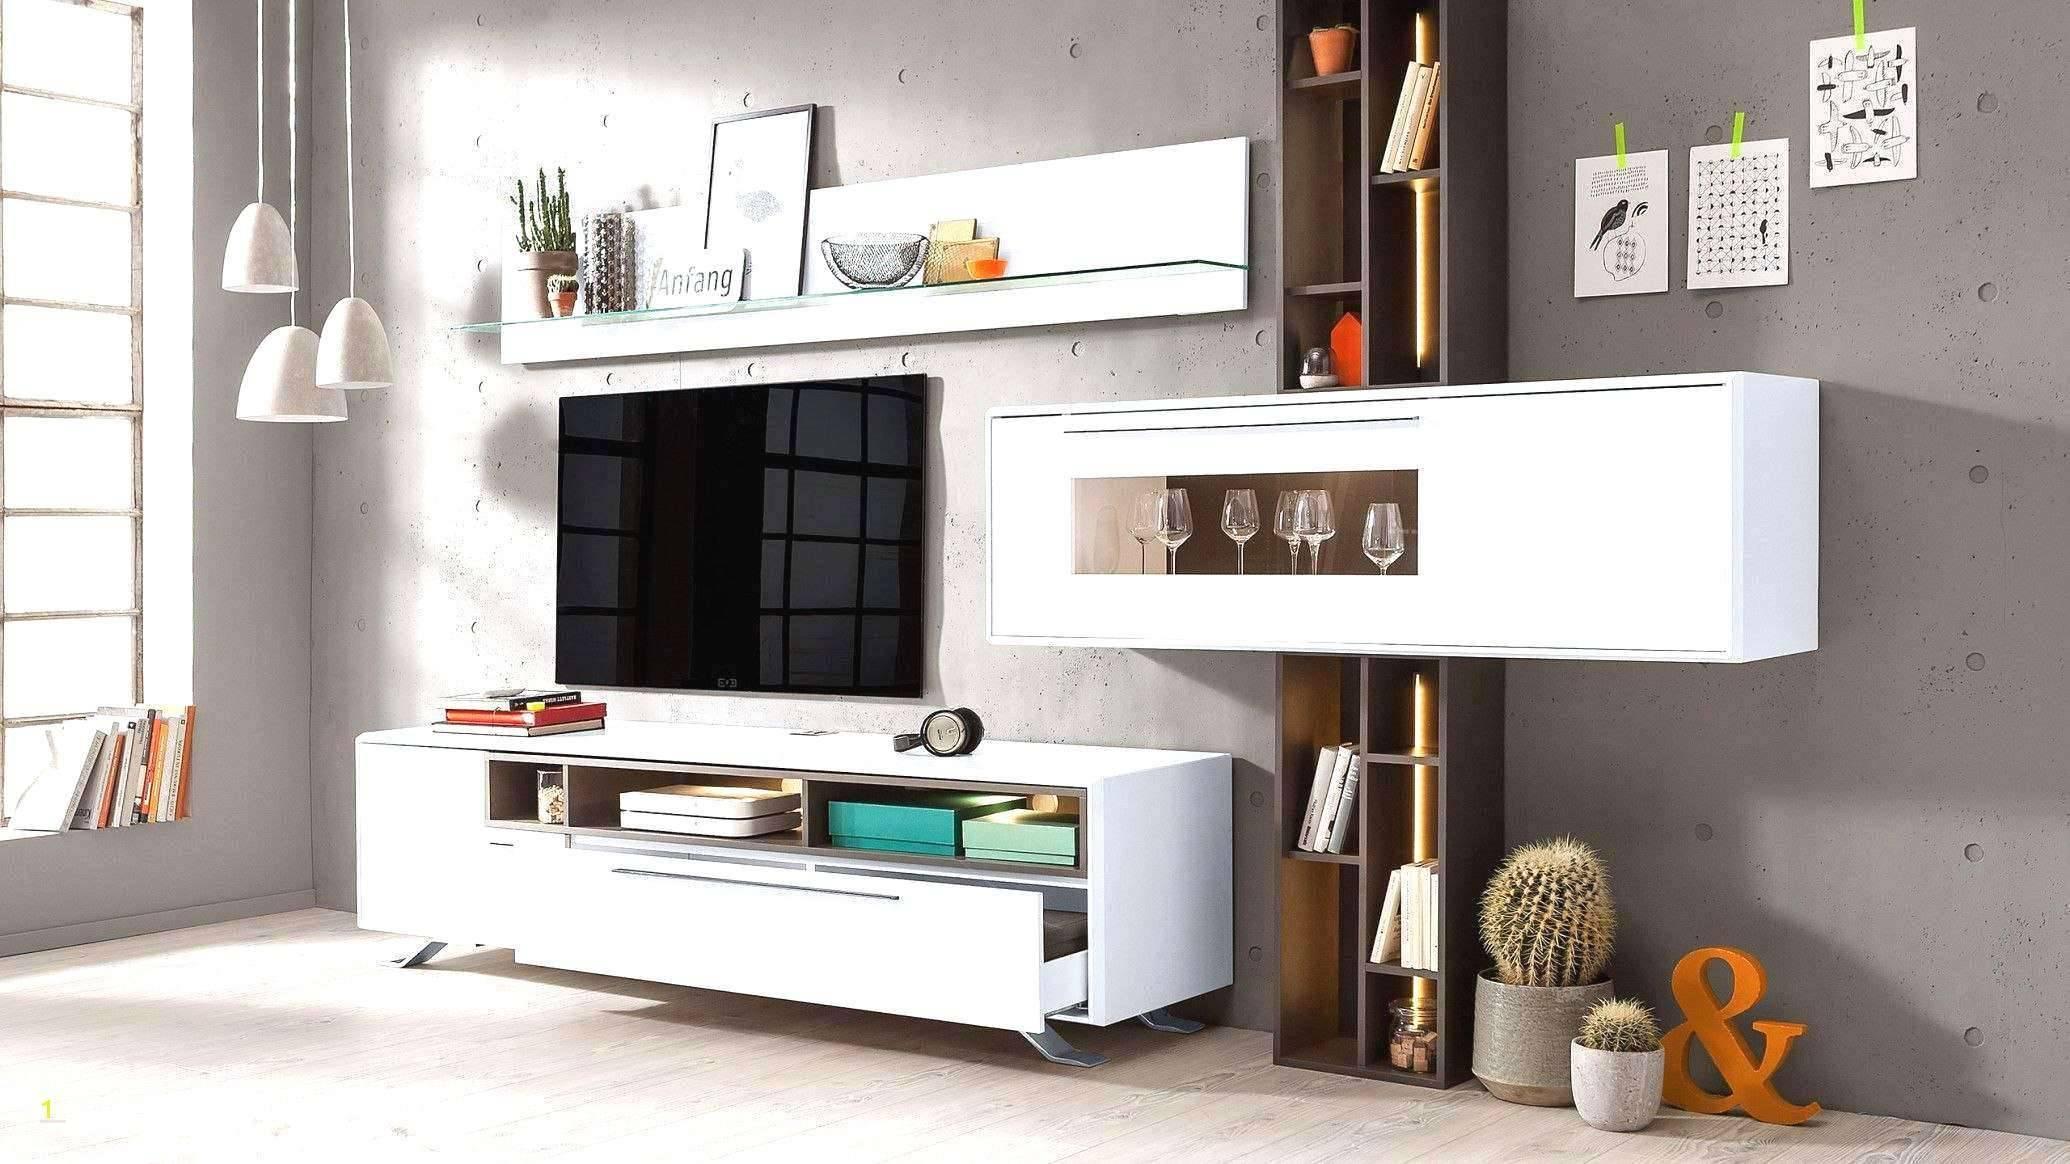 Deko Ideen Aus Holz Selber Machen Schön Luxury Deko Ideen Selbermachen Wohnzimmer Concept